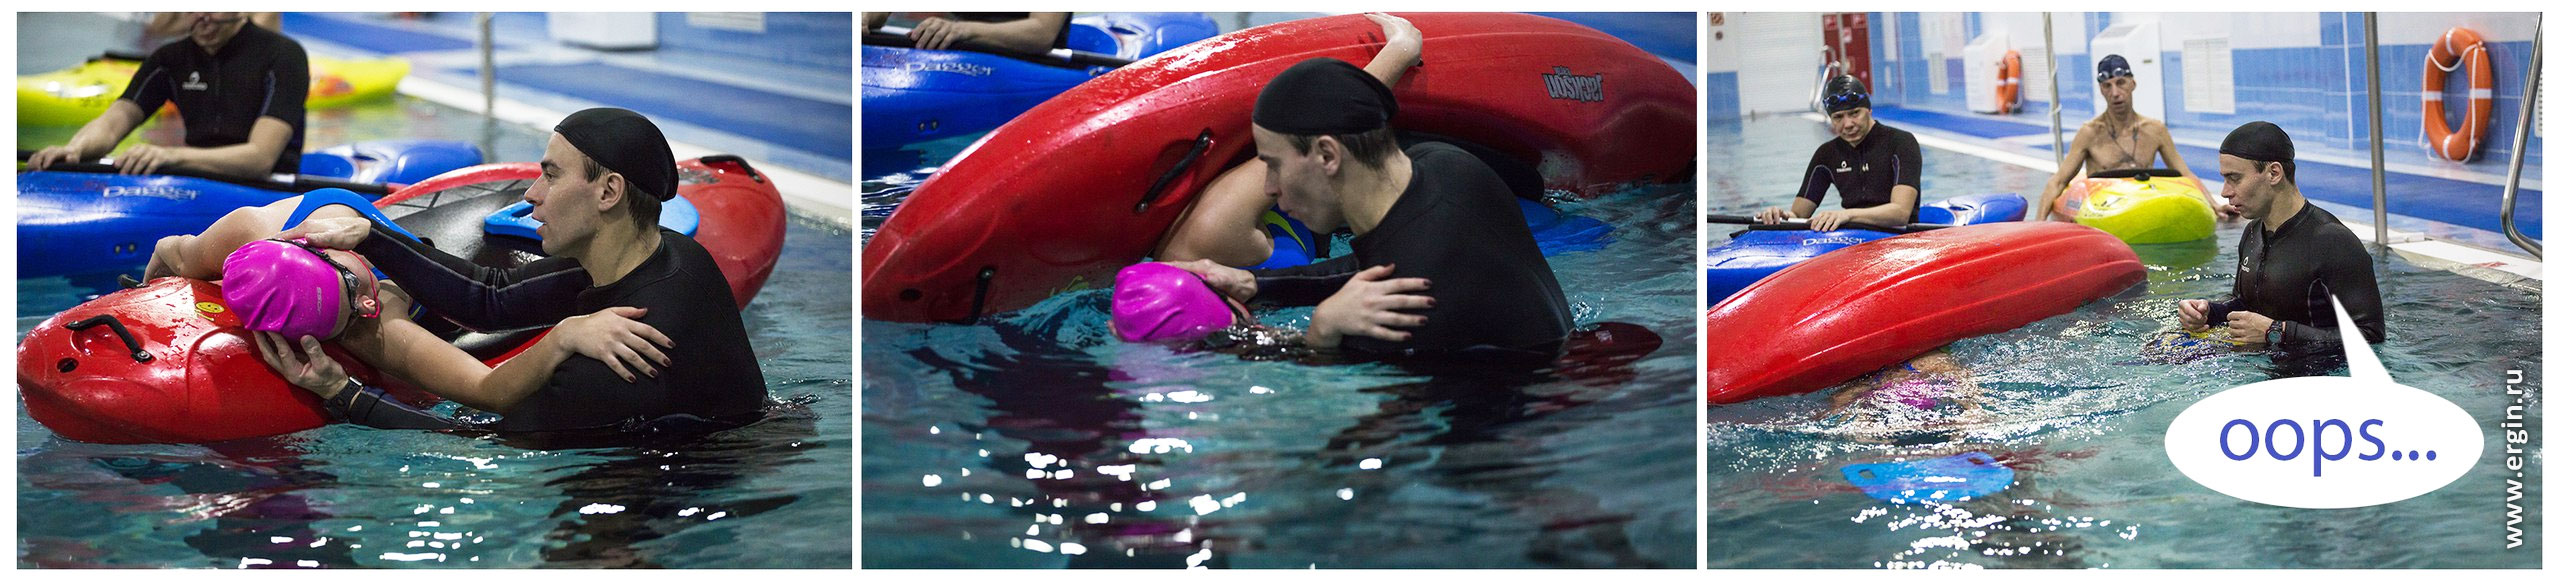 Неудачный эскимосский переворот на каяке в бассейне